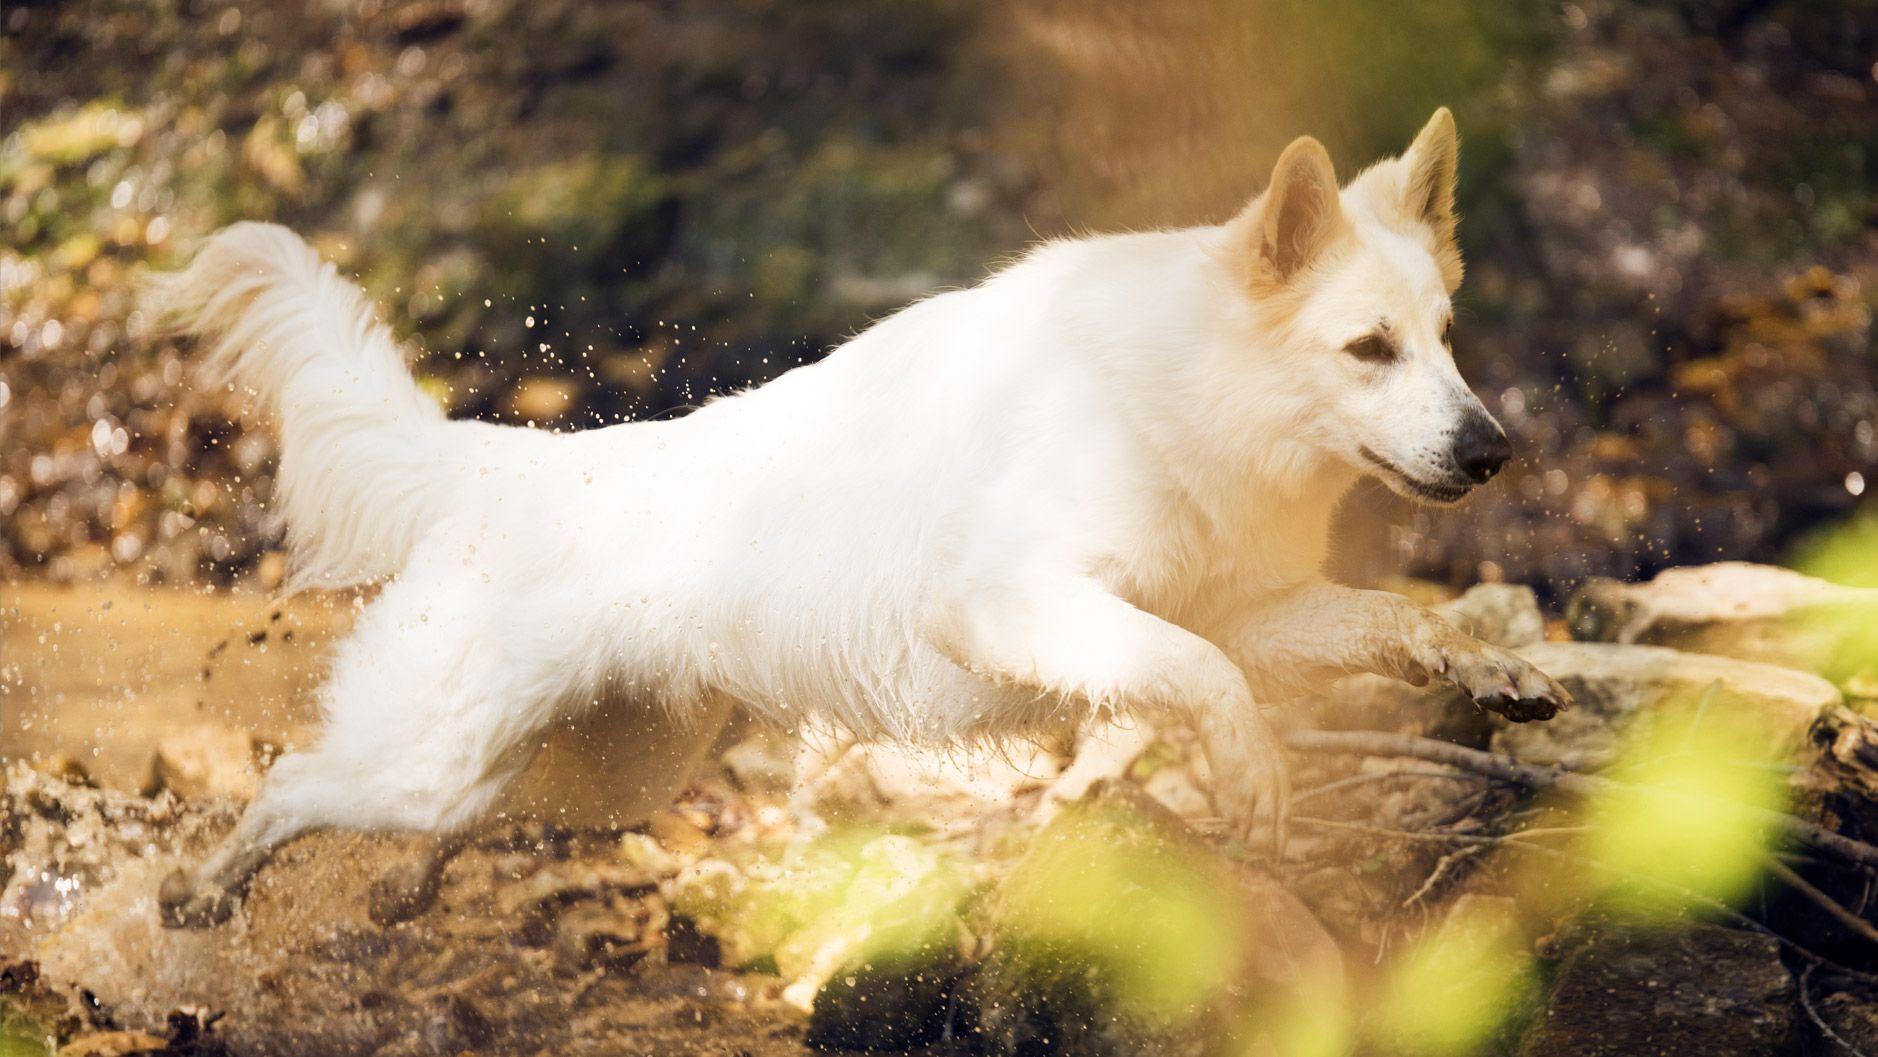 Pin Von Taraka Kamble Auf Funny Animals Pferde Fotografie Pferdefotografie Hunde